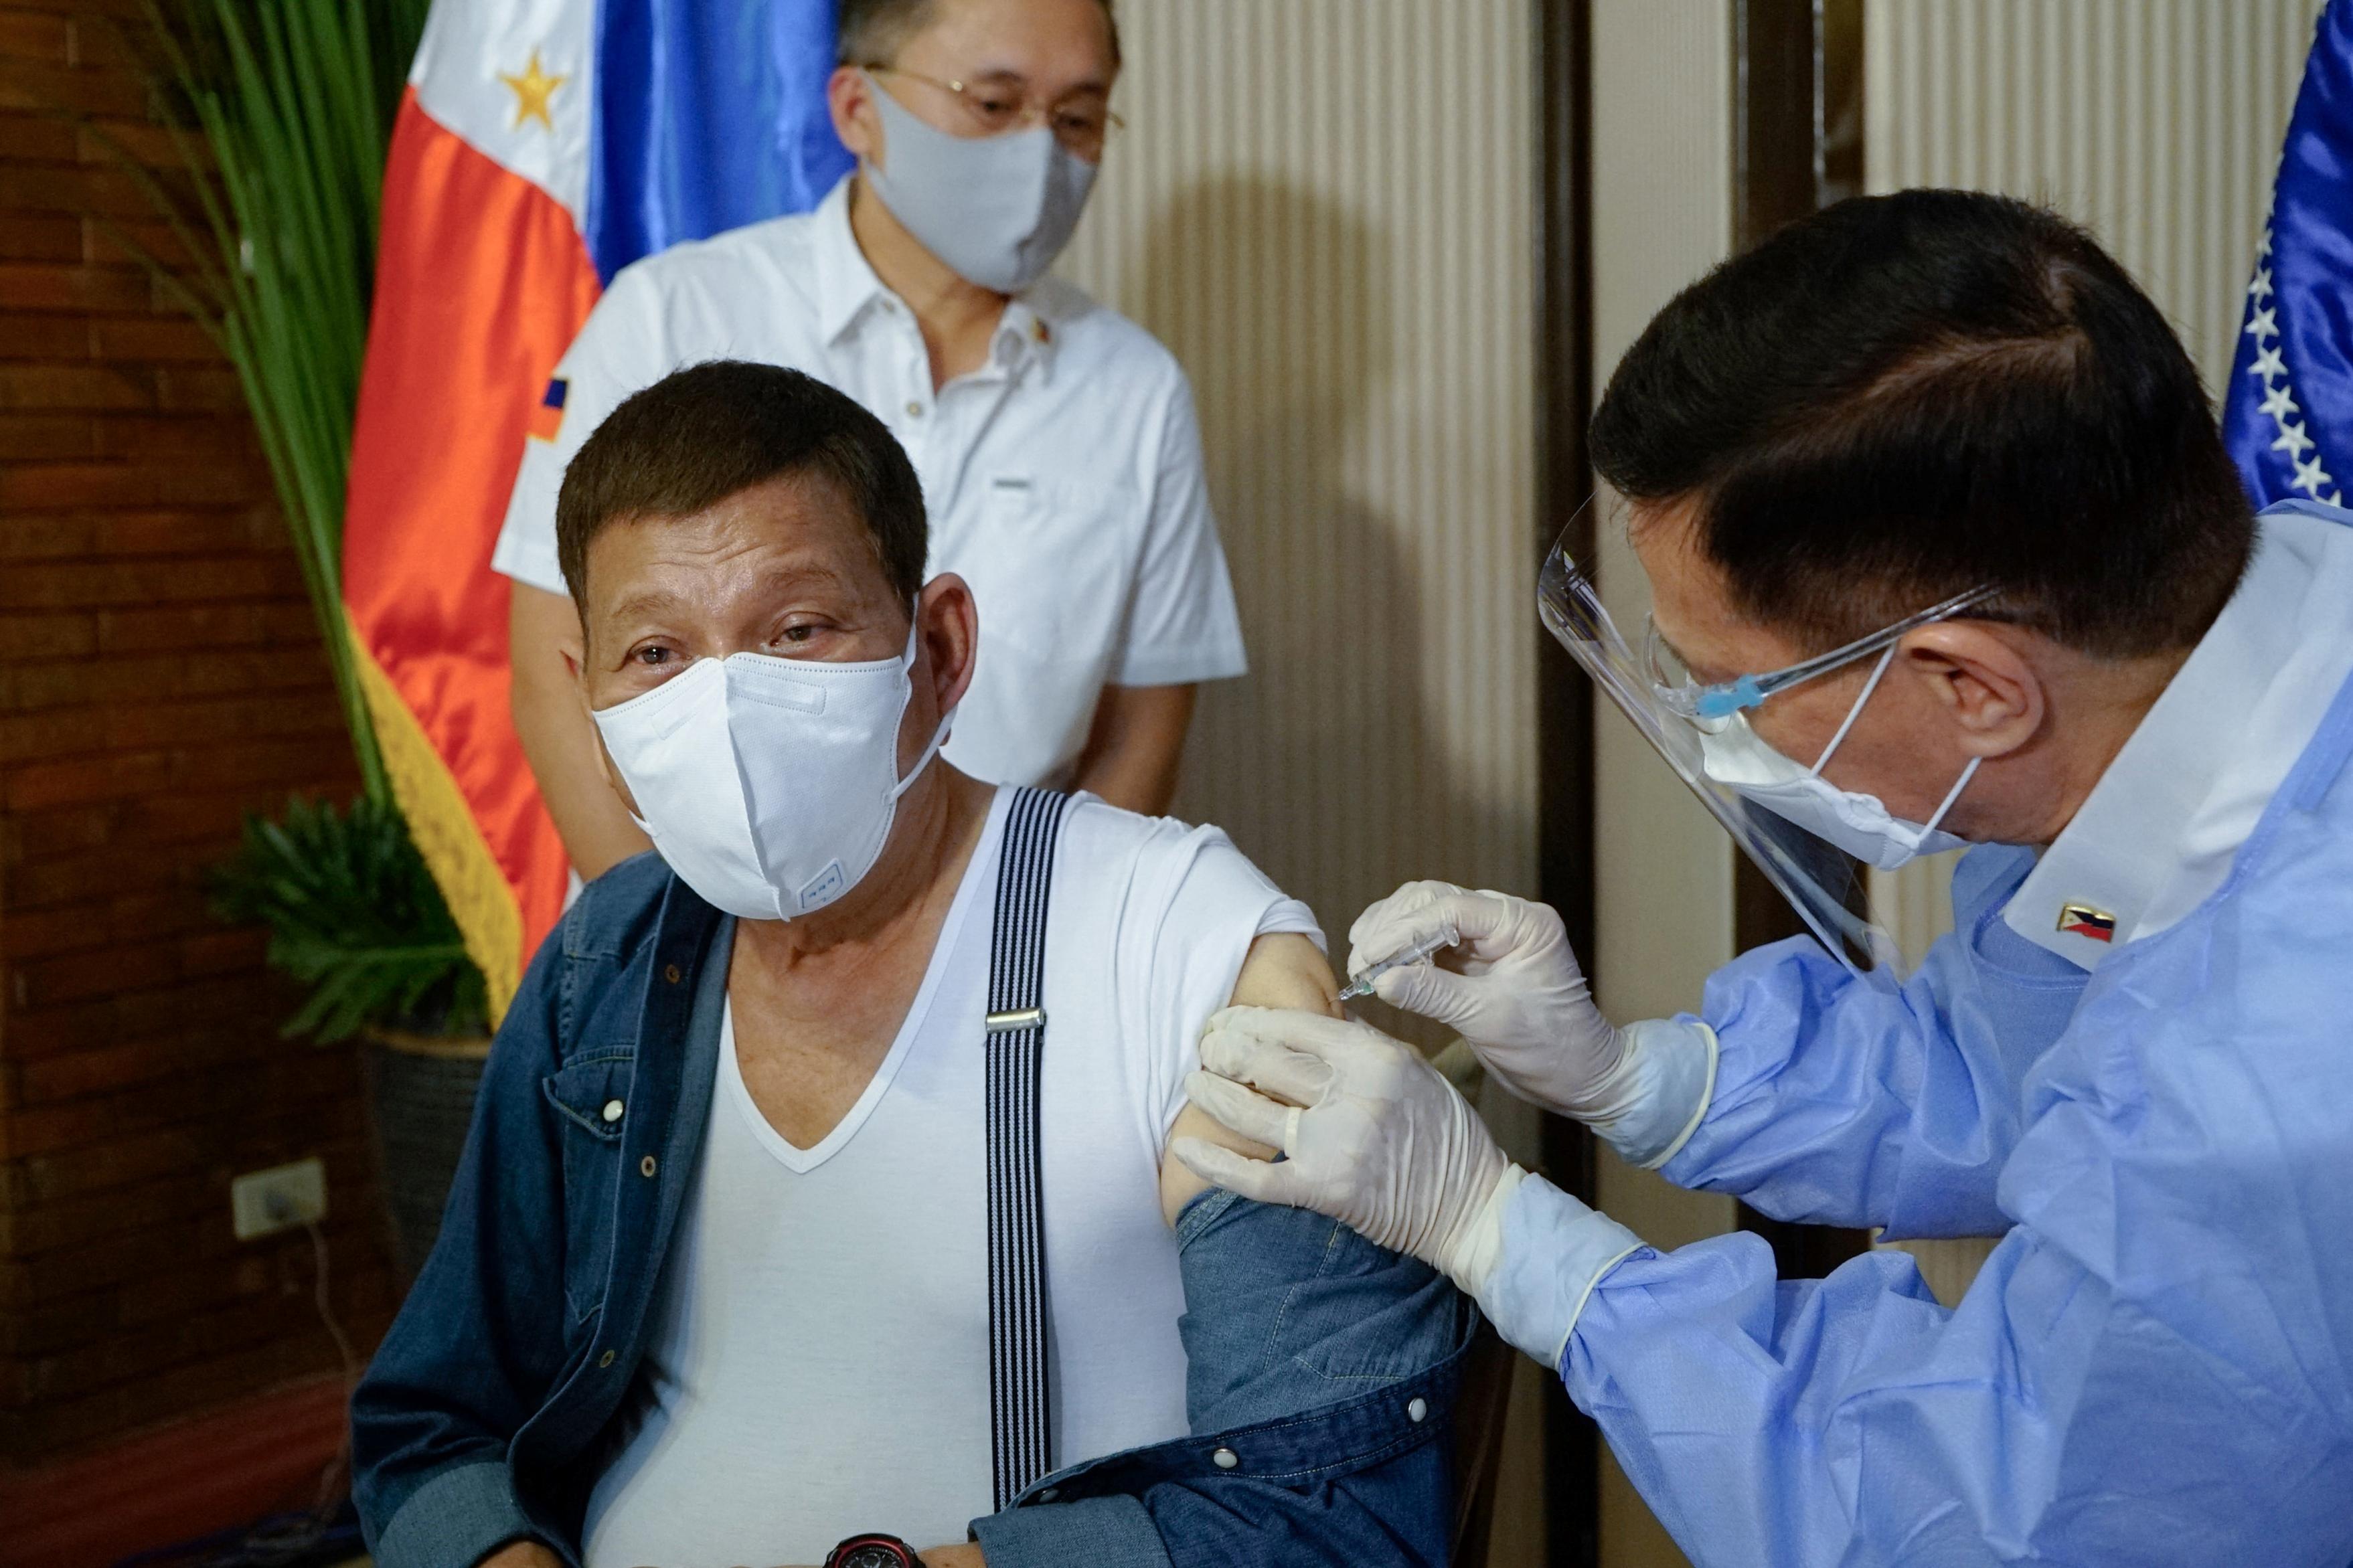 A Fülöp-szigetek elnöke börtönnel fenyegeti azokat, akik visszautasítják a koronavírus-védőoltást